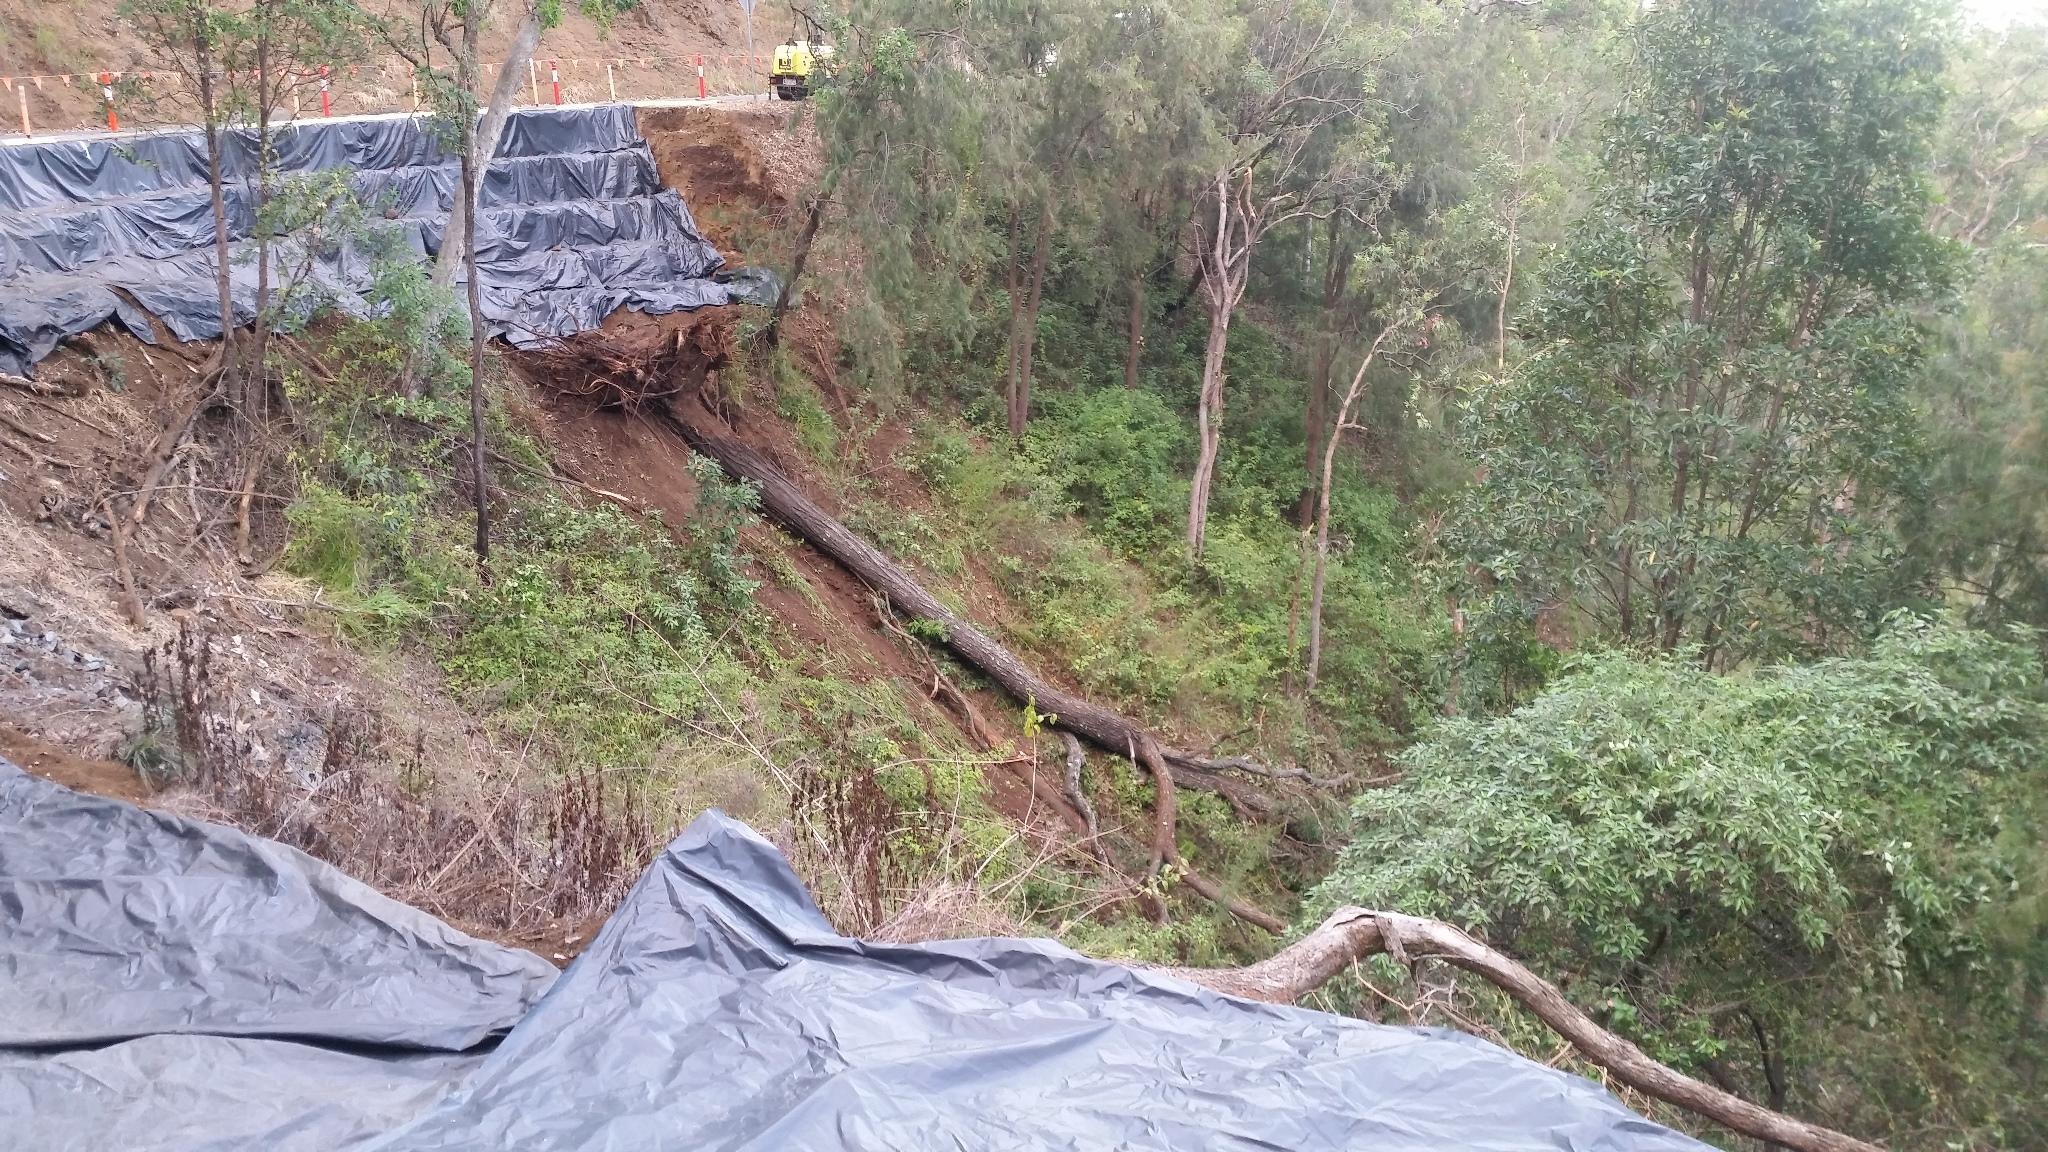 Fallen Ironbark